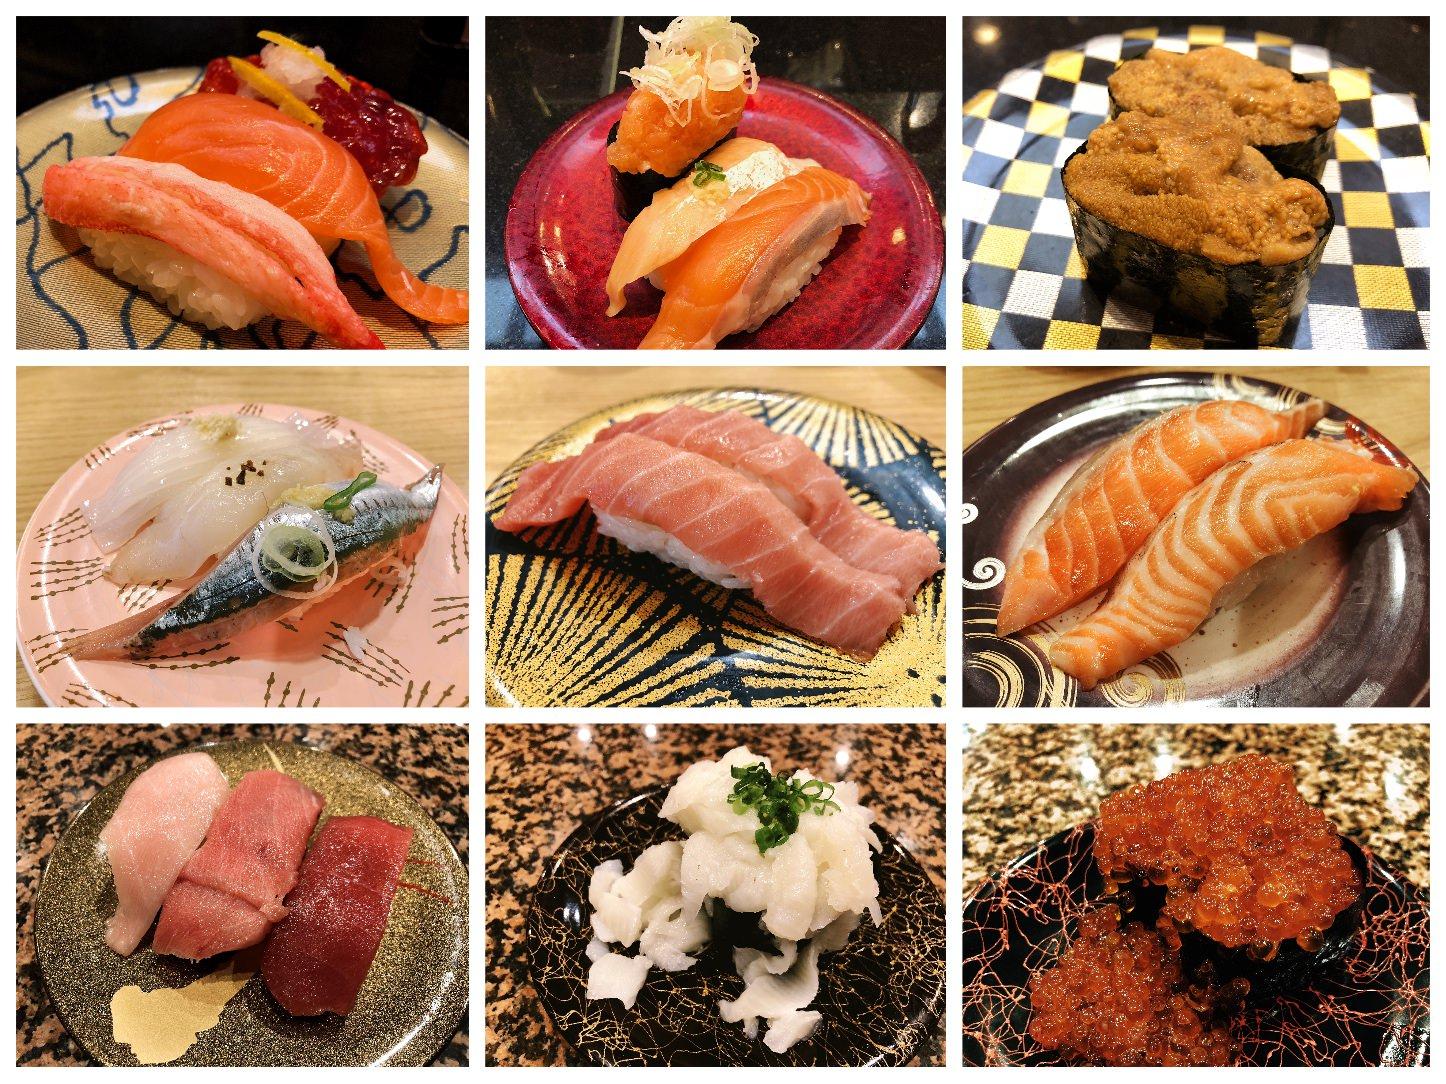 北海道の回転寿司を満喫!「なごやか亭」「トリトン」「とっぴー」をハシゴ